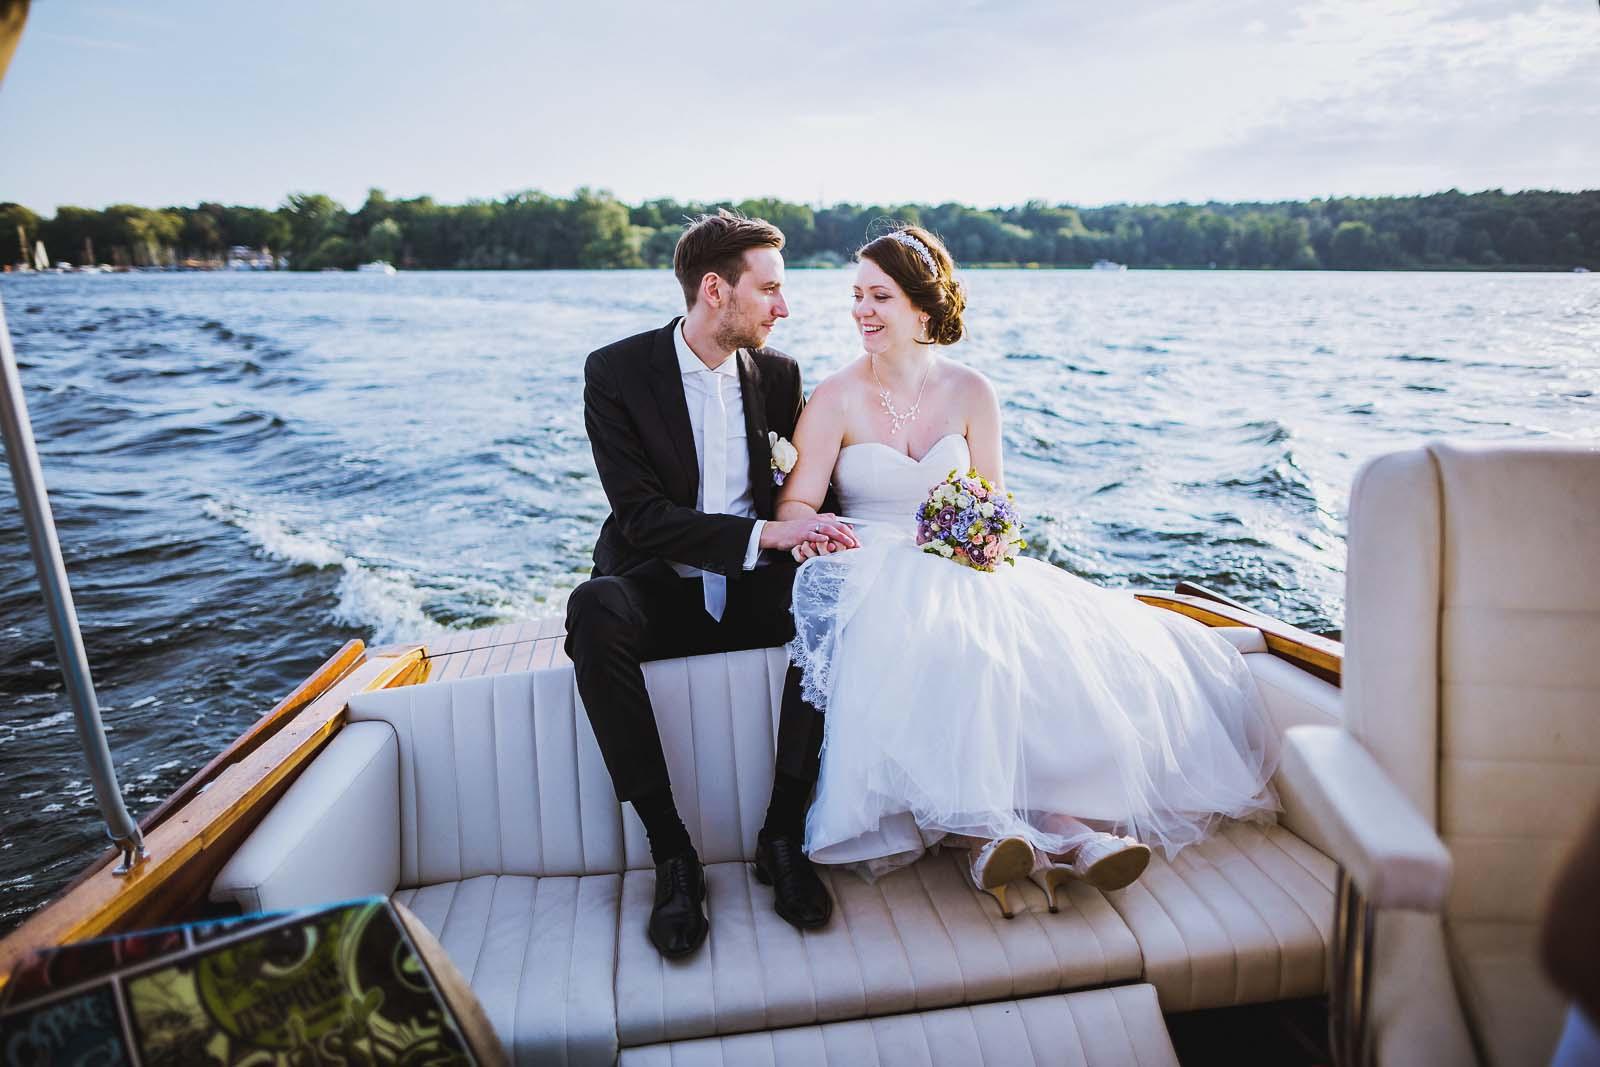 Hochzeitsportrait auf einem Boot auf der Havel Hochzeitsfotograf Berlin Copyright by Hochzeitsfotograf www.berliner-hochzeitsfotografie.de